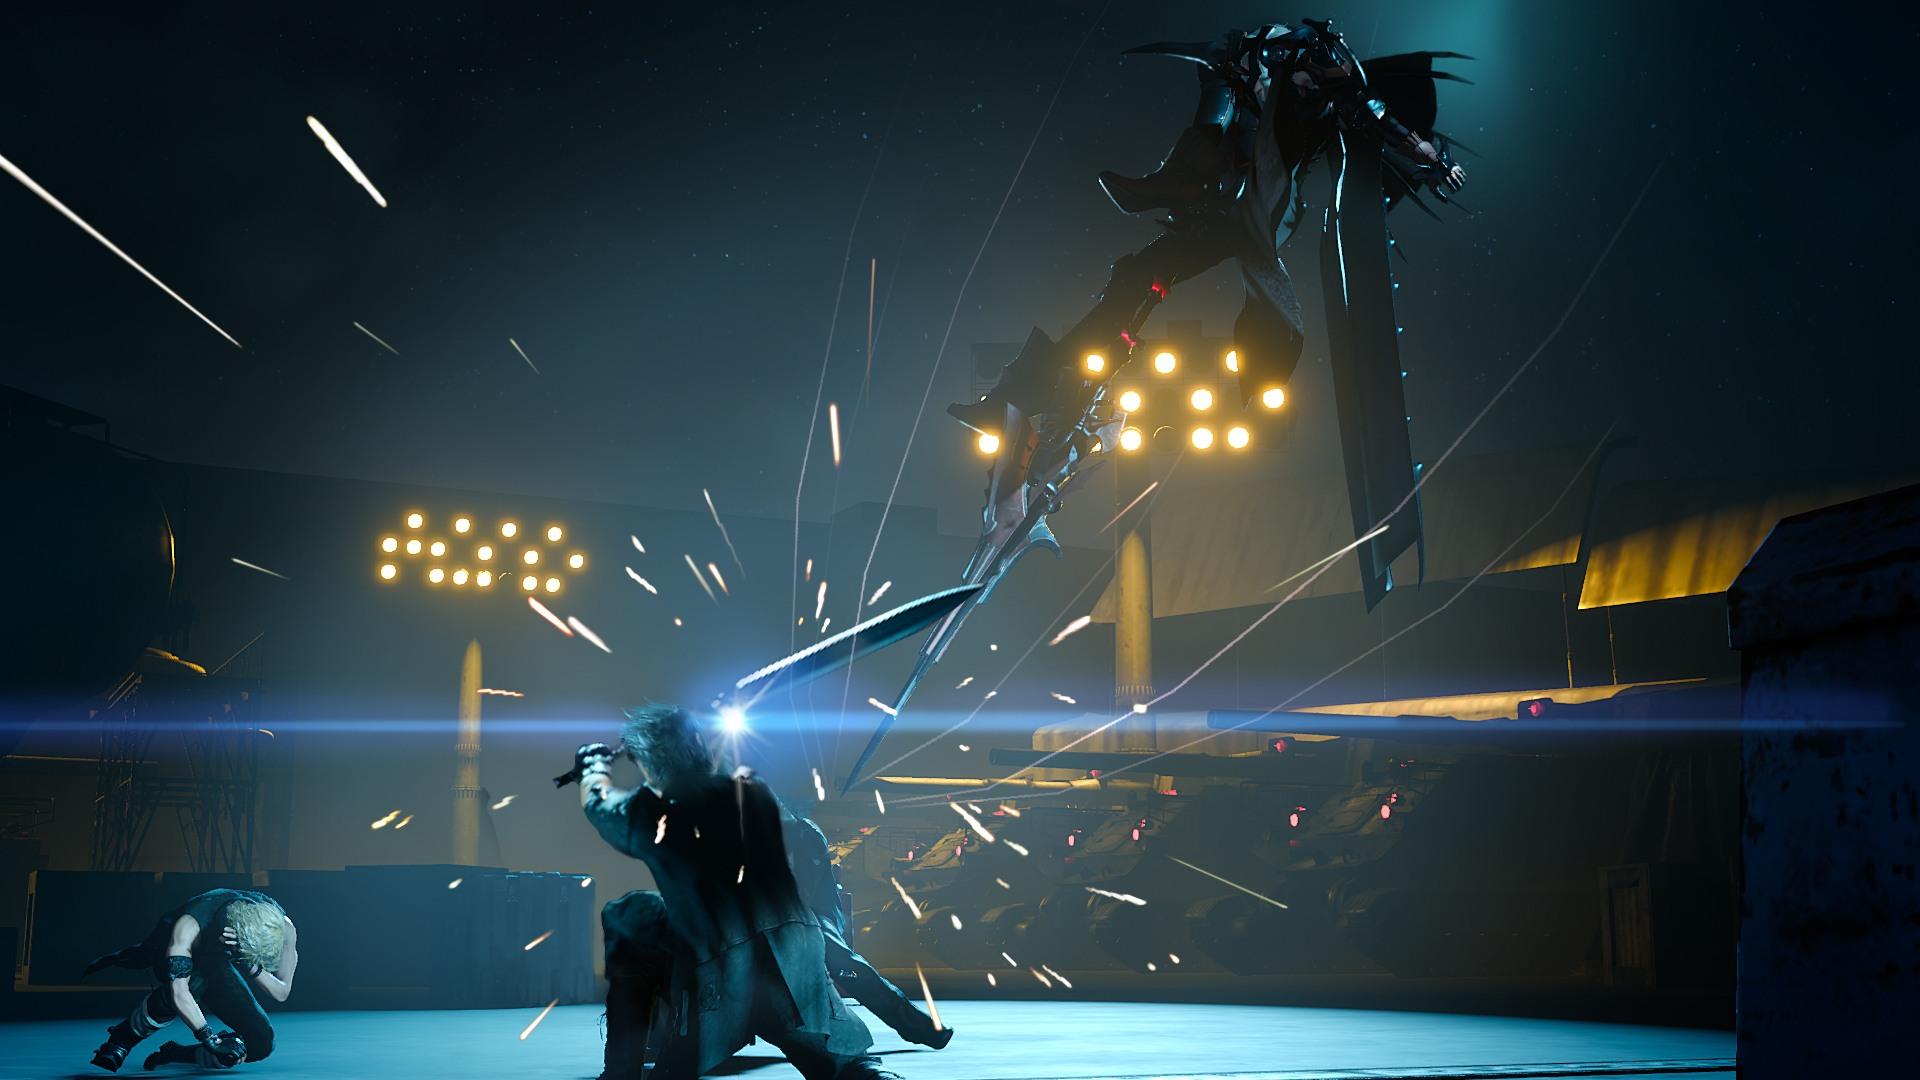 تصاویر جالب جدیدی از عنوان Final Fantasy XV منتشر شد